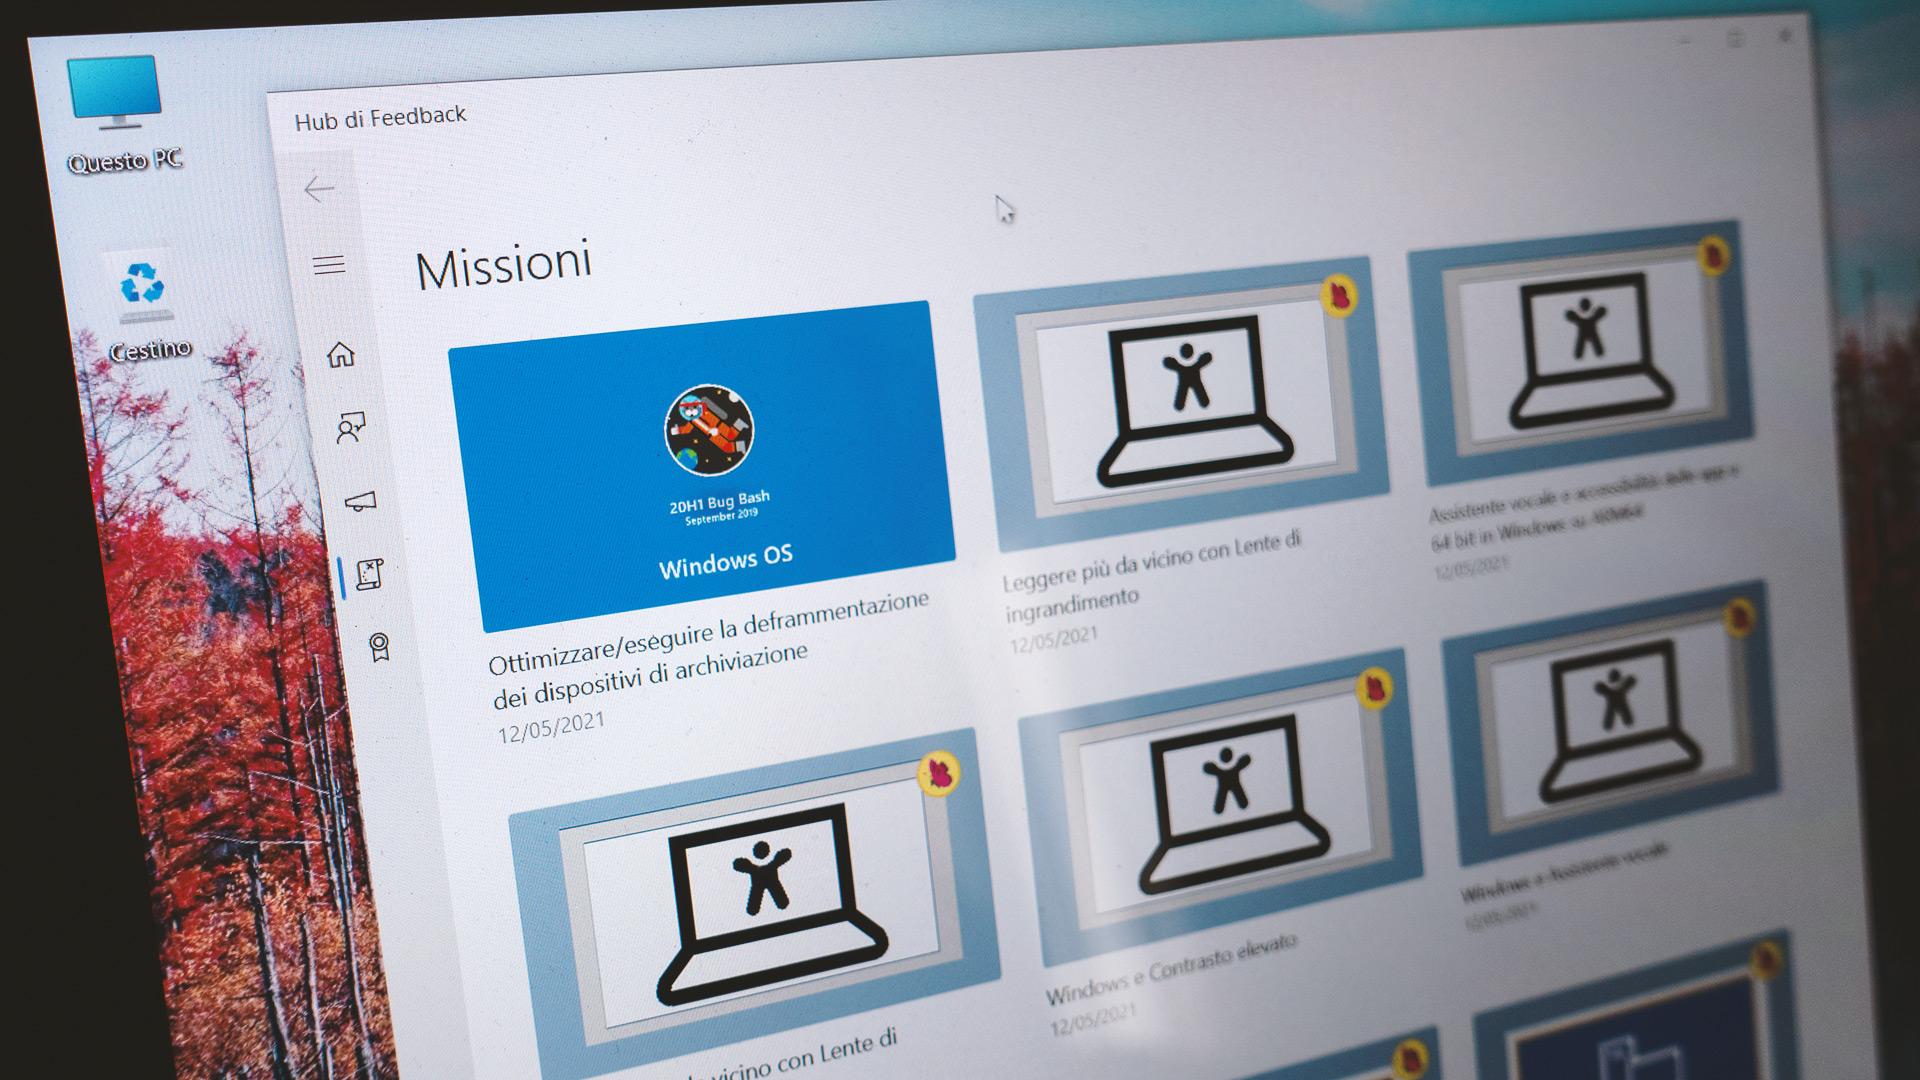 Windows 10 - Hub di Feedback - Missioni di Bug Bash